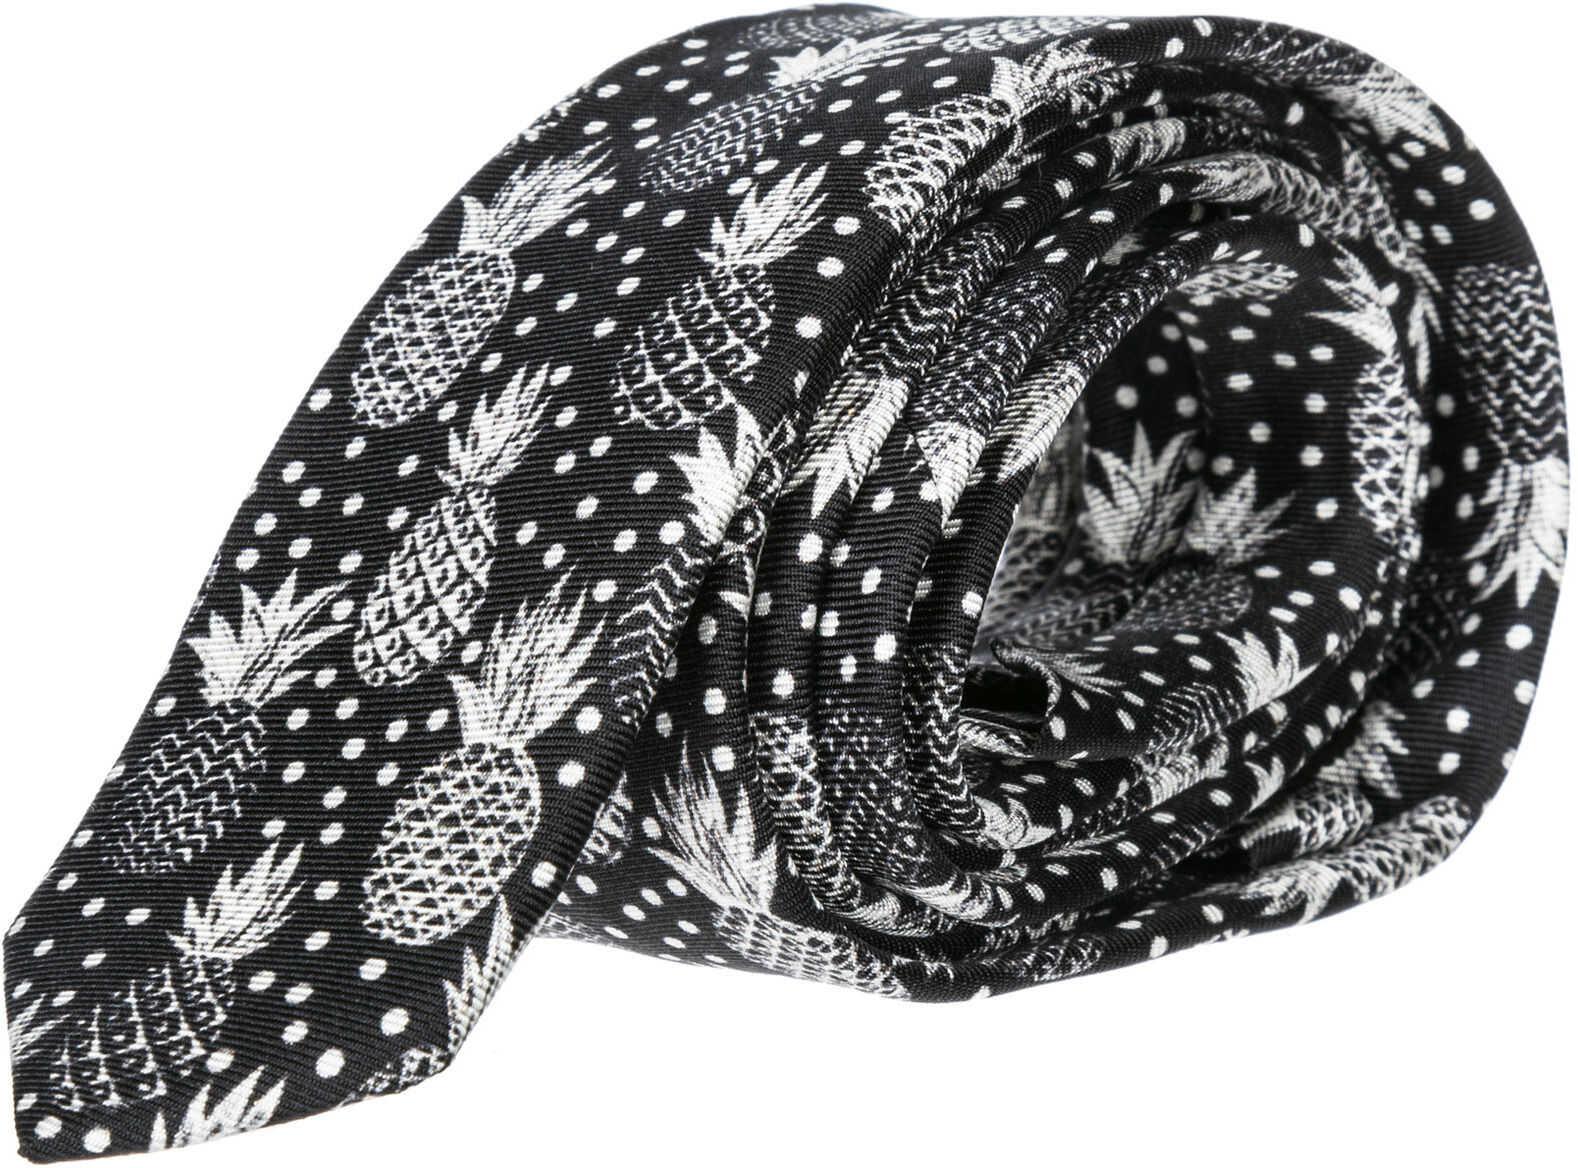 Dolce & Gabbana Tie Necktie Black